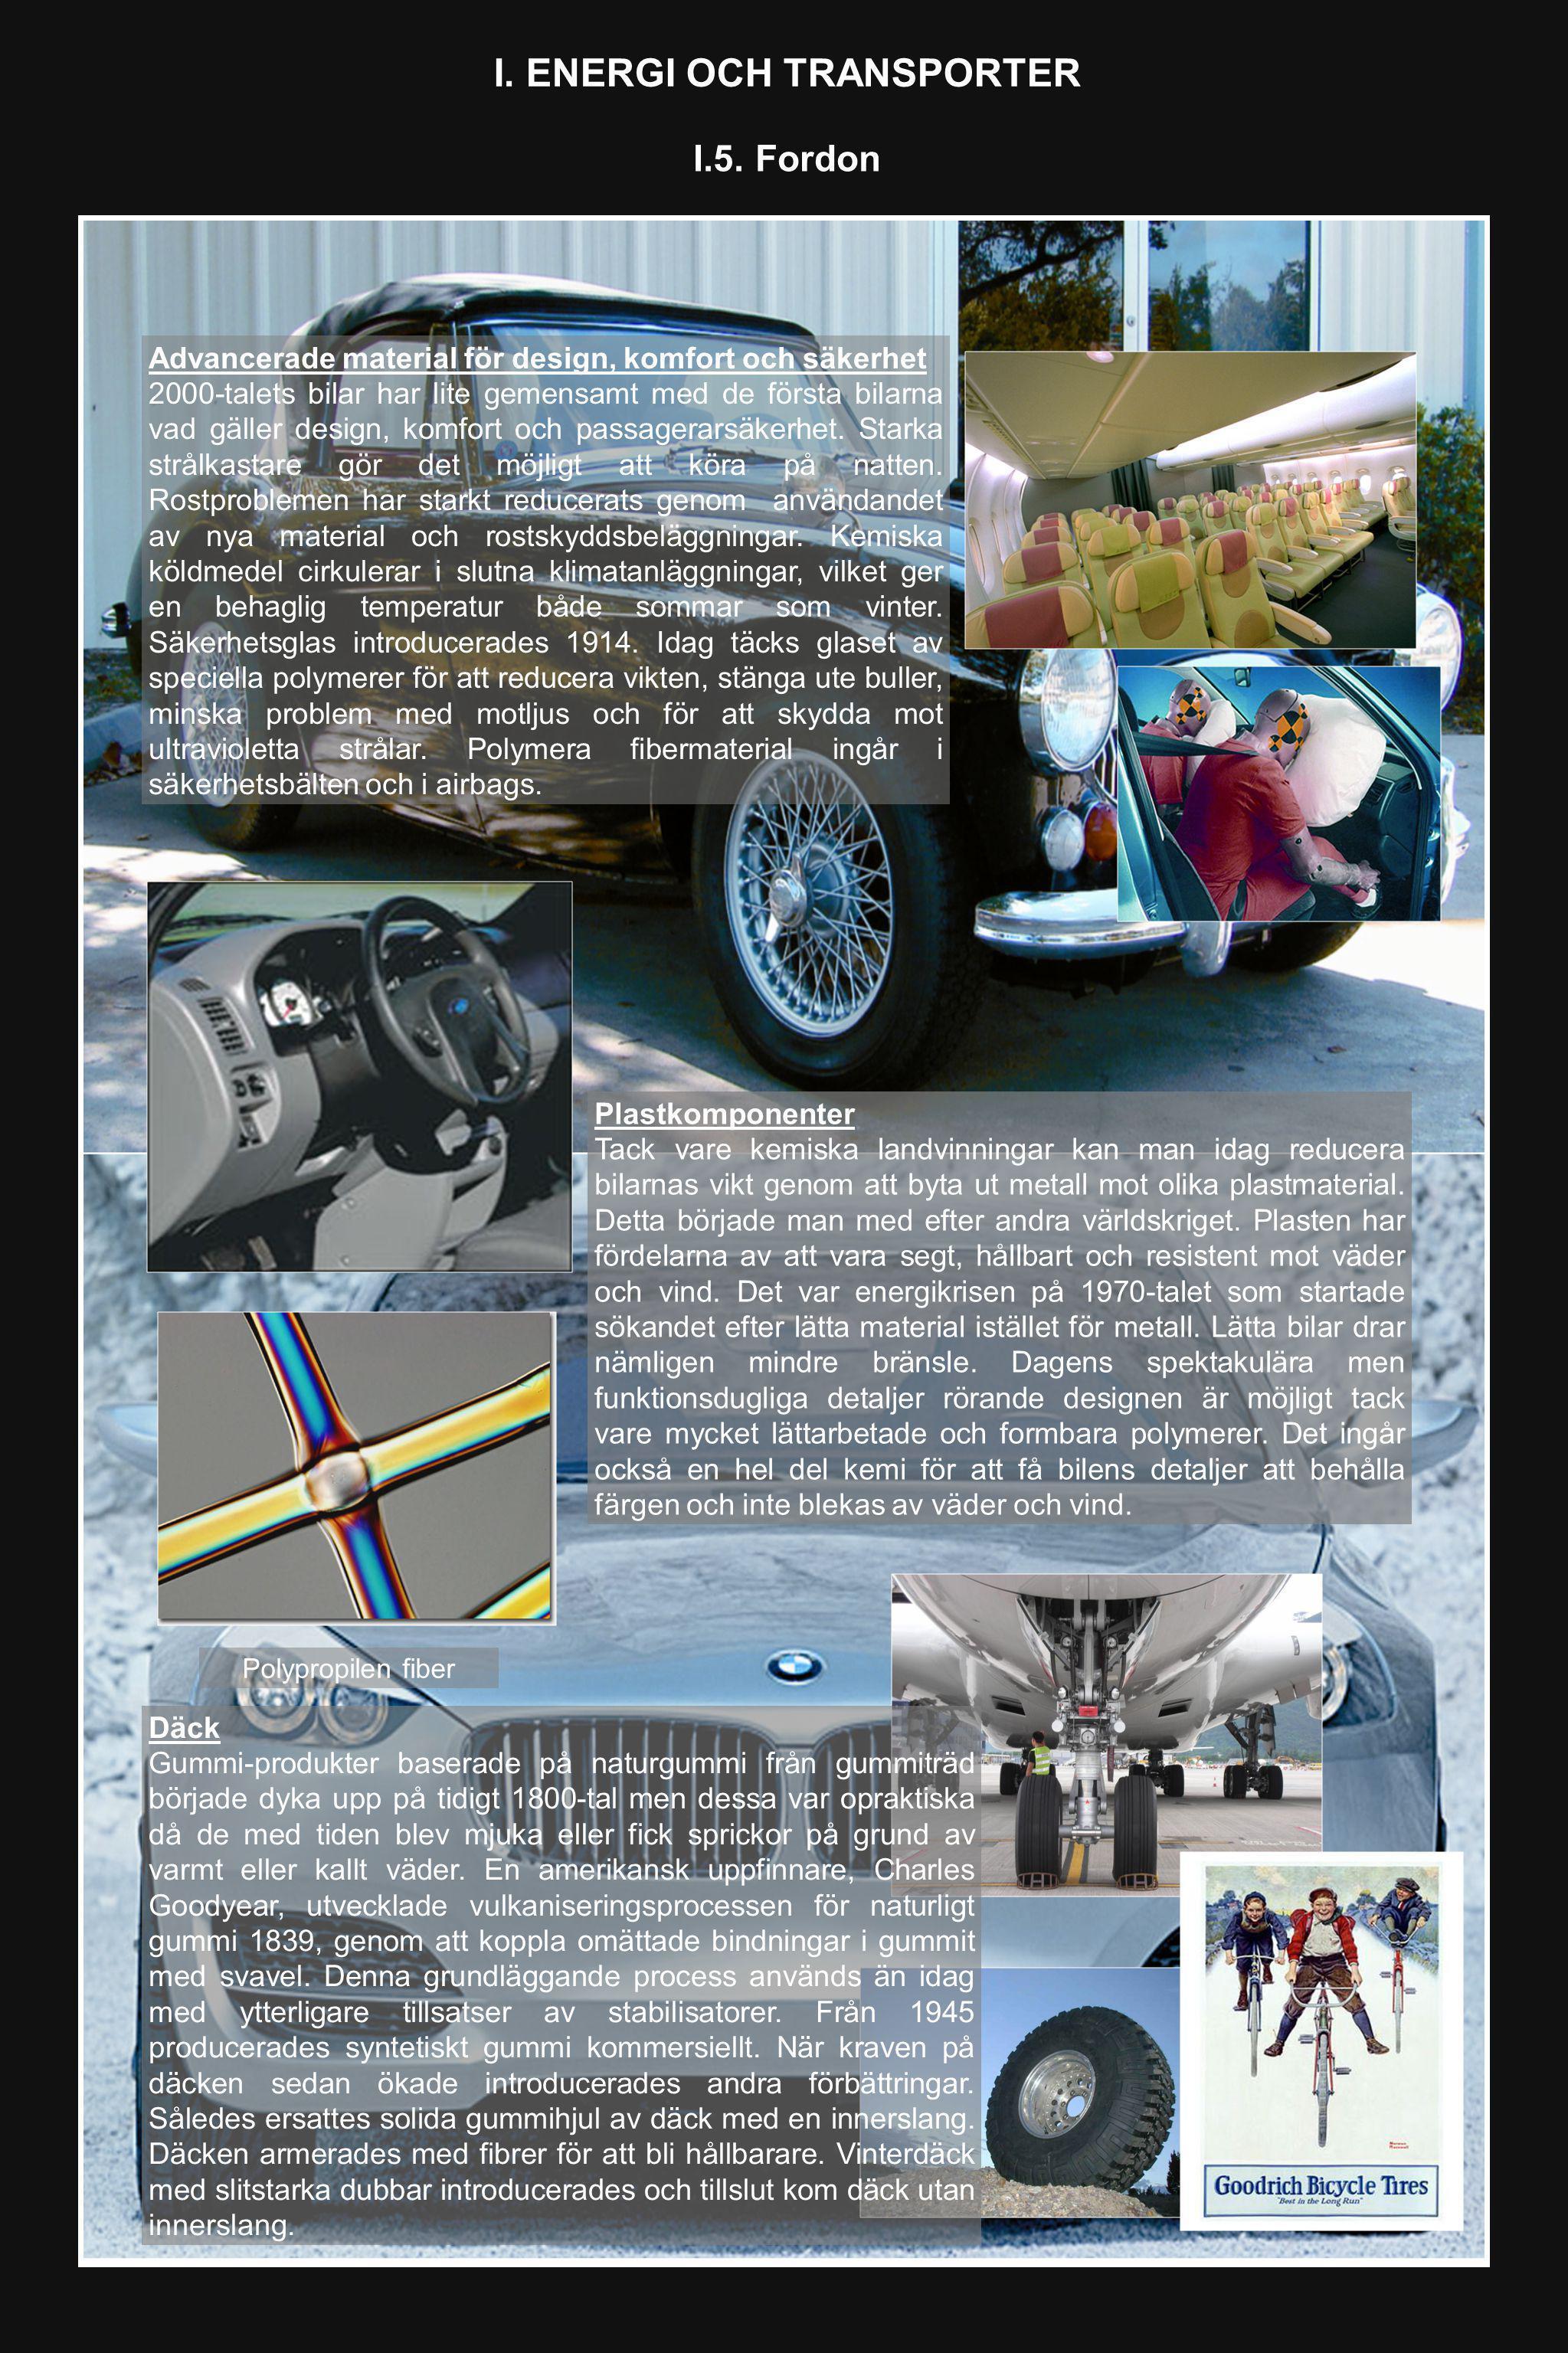 I. ENERGI OCH TRANSPORTER I.5. Fordon Advancerade material för design, komfort och säkerhet 2000-talets bilar har lite gemensamt med de första bilarna